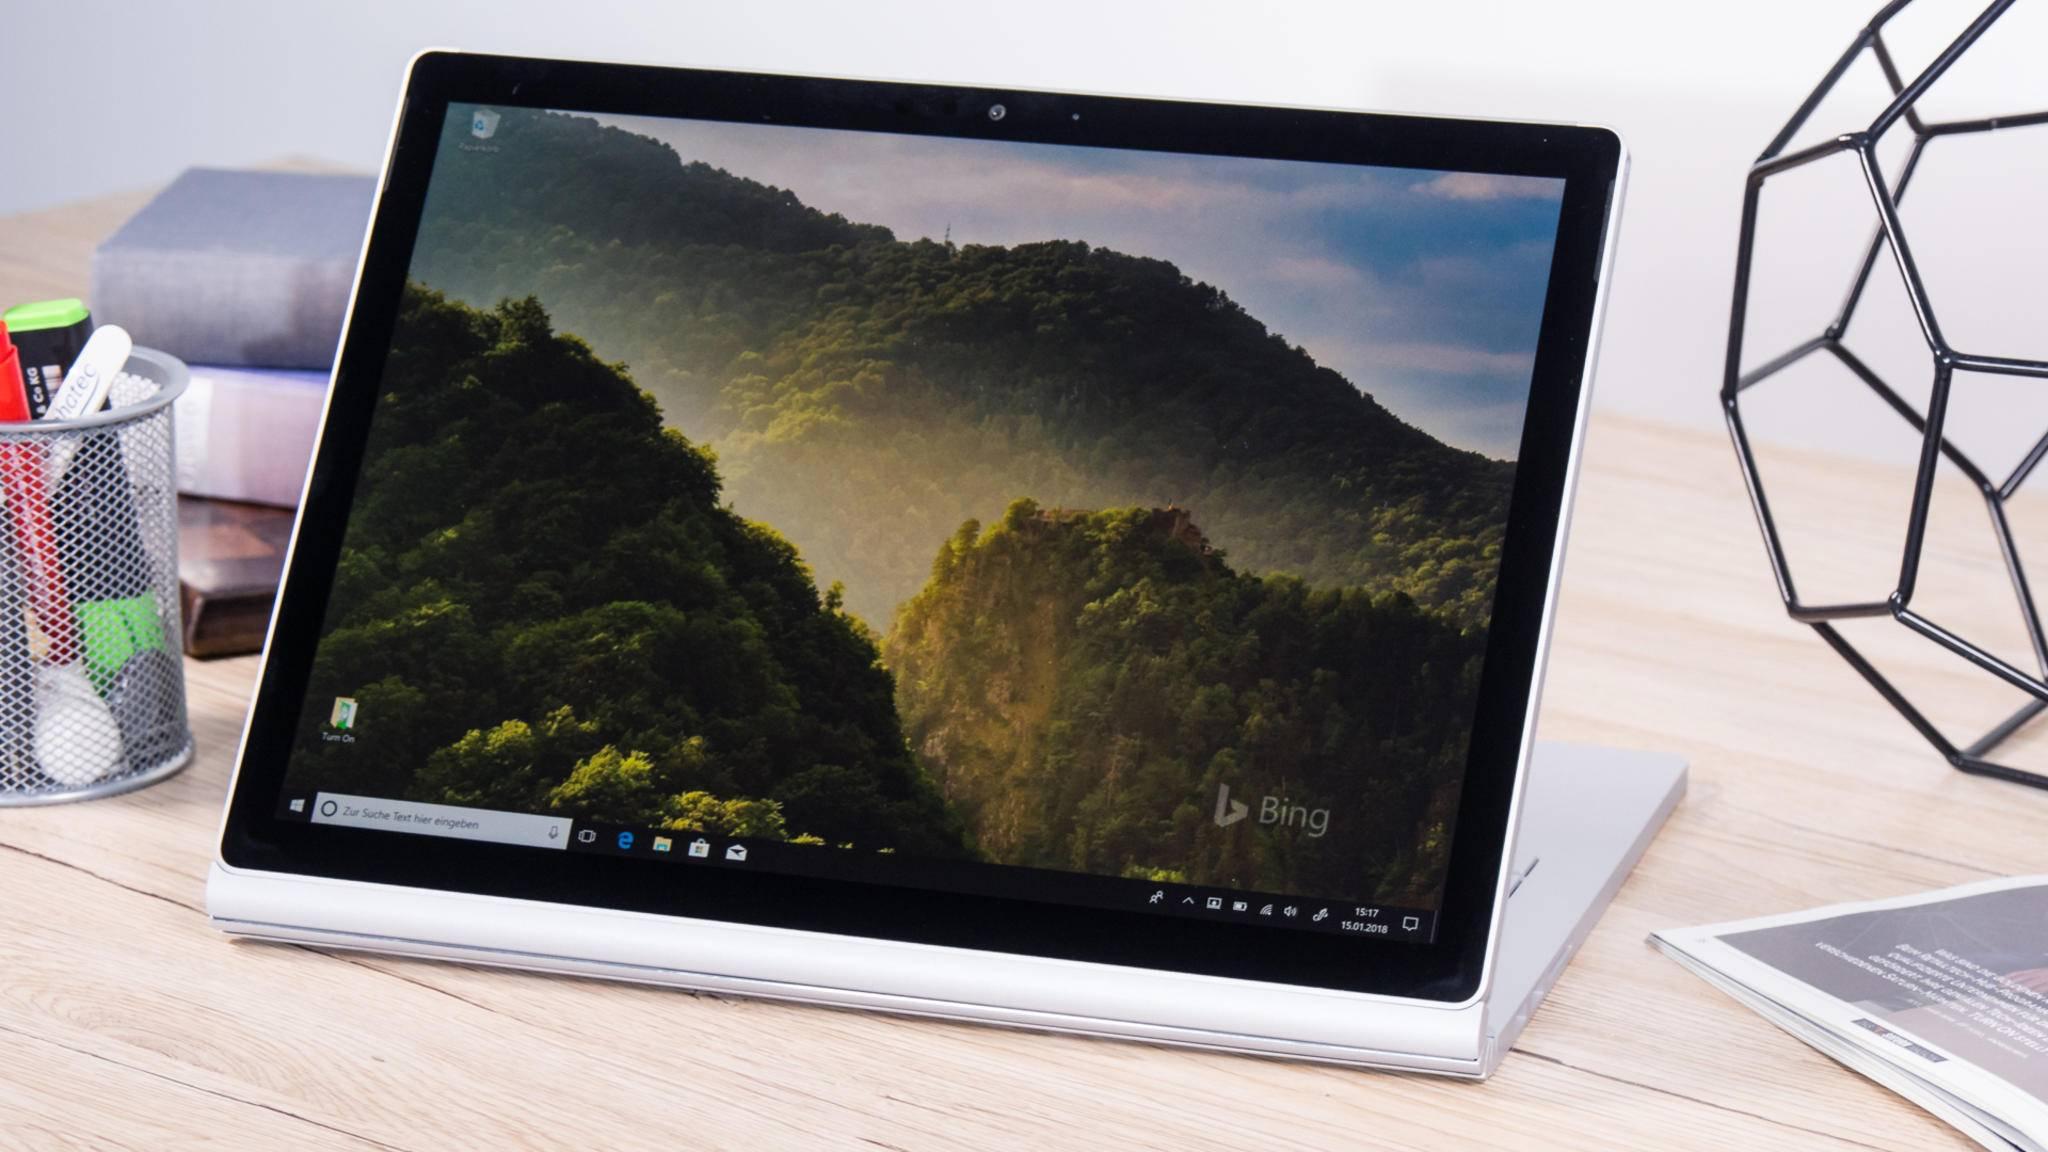 Das Surface Book 3 ist wohl deutlich leistungsfähiger als sein Vorgänger, das Surface Book 2 (Foto).